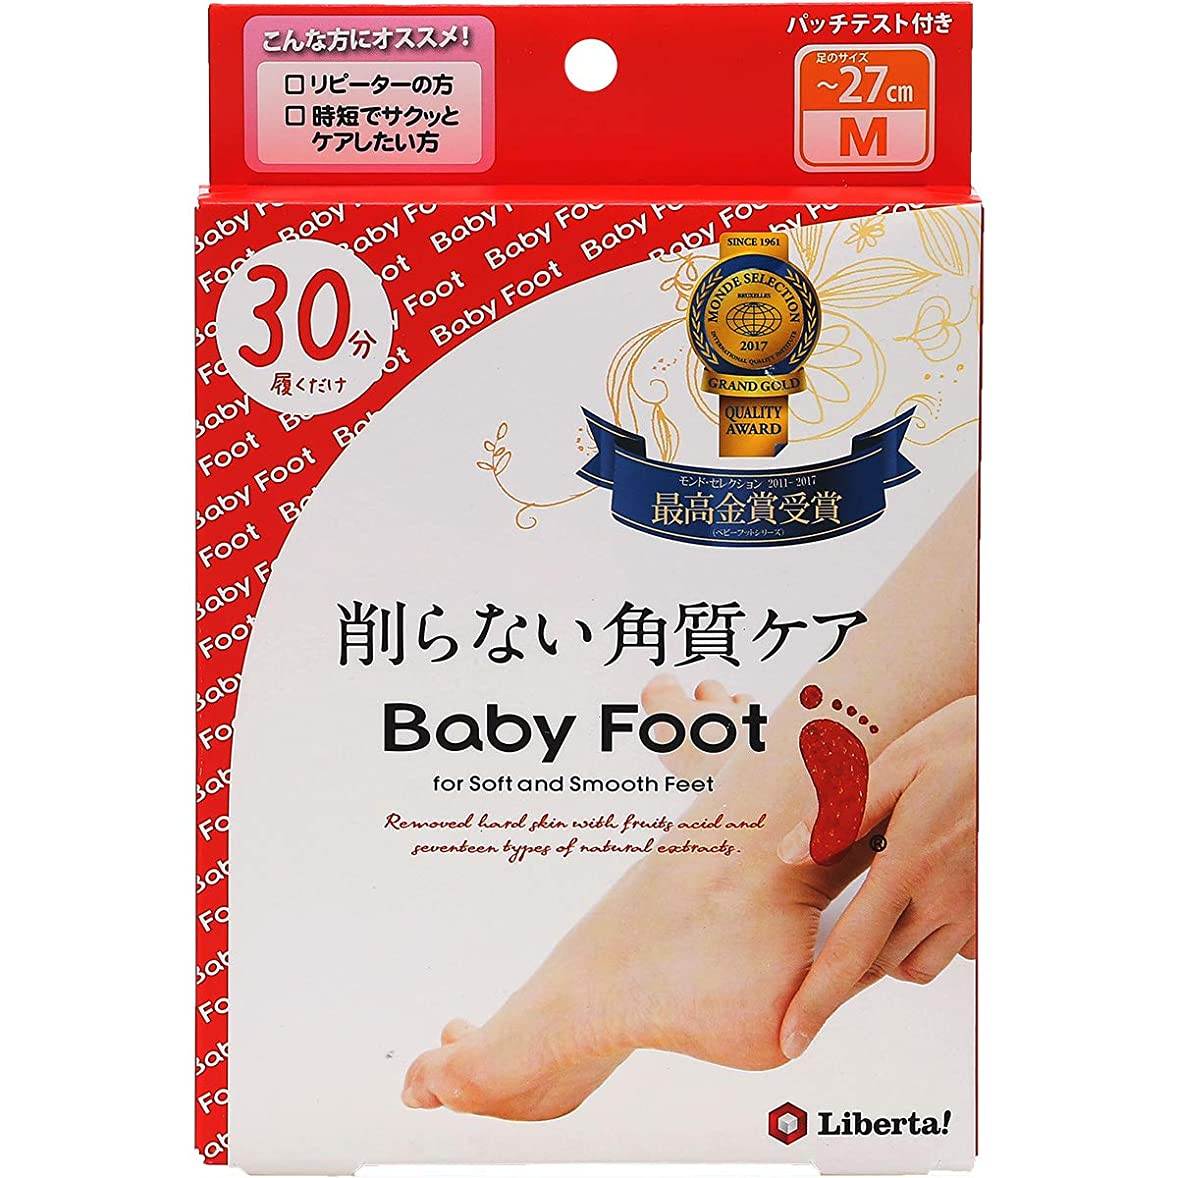 水分国家モンゴメリーベビーフット (Baby Foot) ベビーフット イージーパック30分タイプ Mサイズ 単品